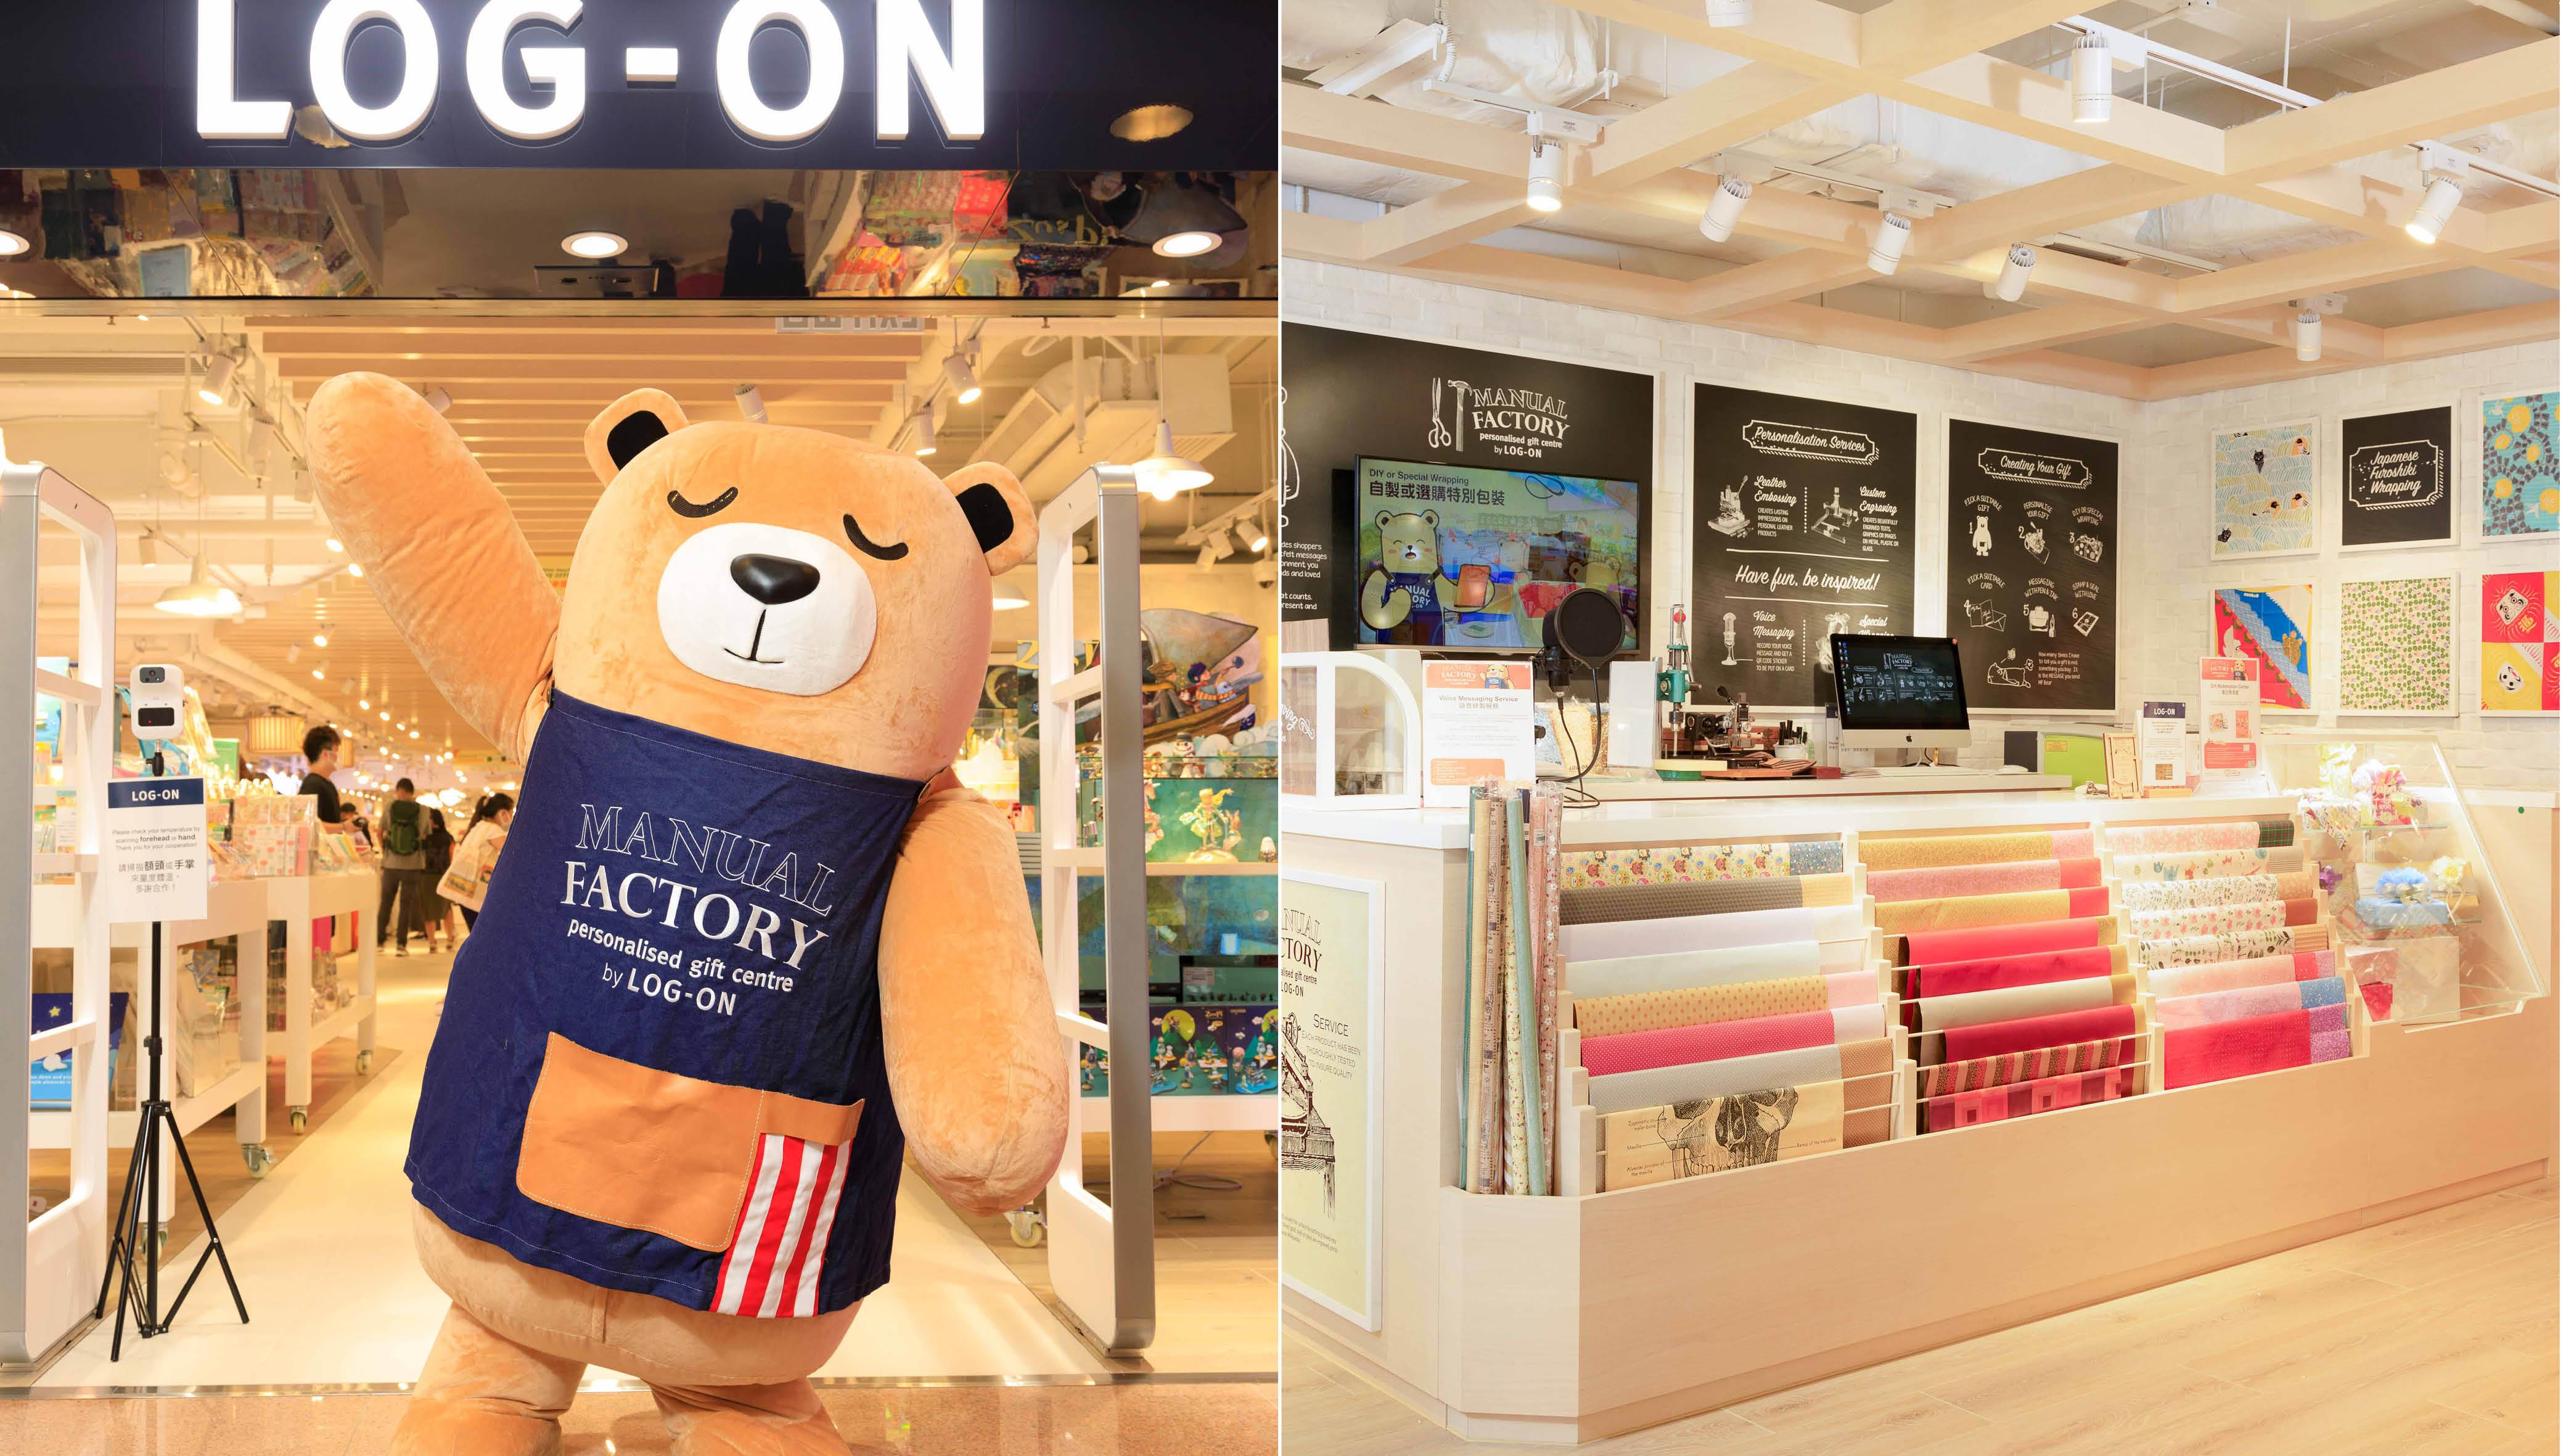 LOG-ON回歸海港城|全新5大體驗區+升級版 Manual Factory!露營用品、日本美妝、家品、防疫用品一應俱全!